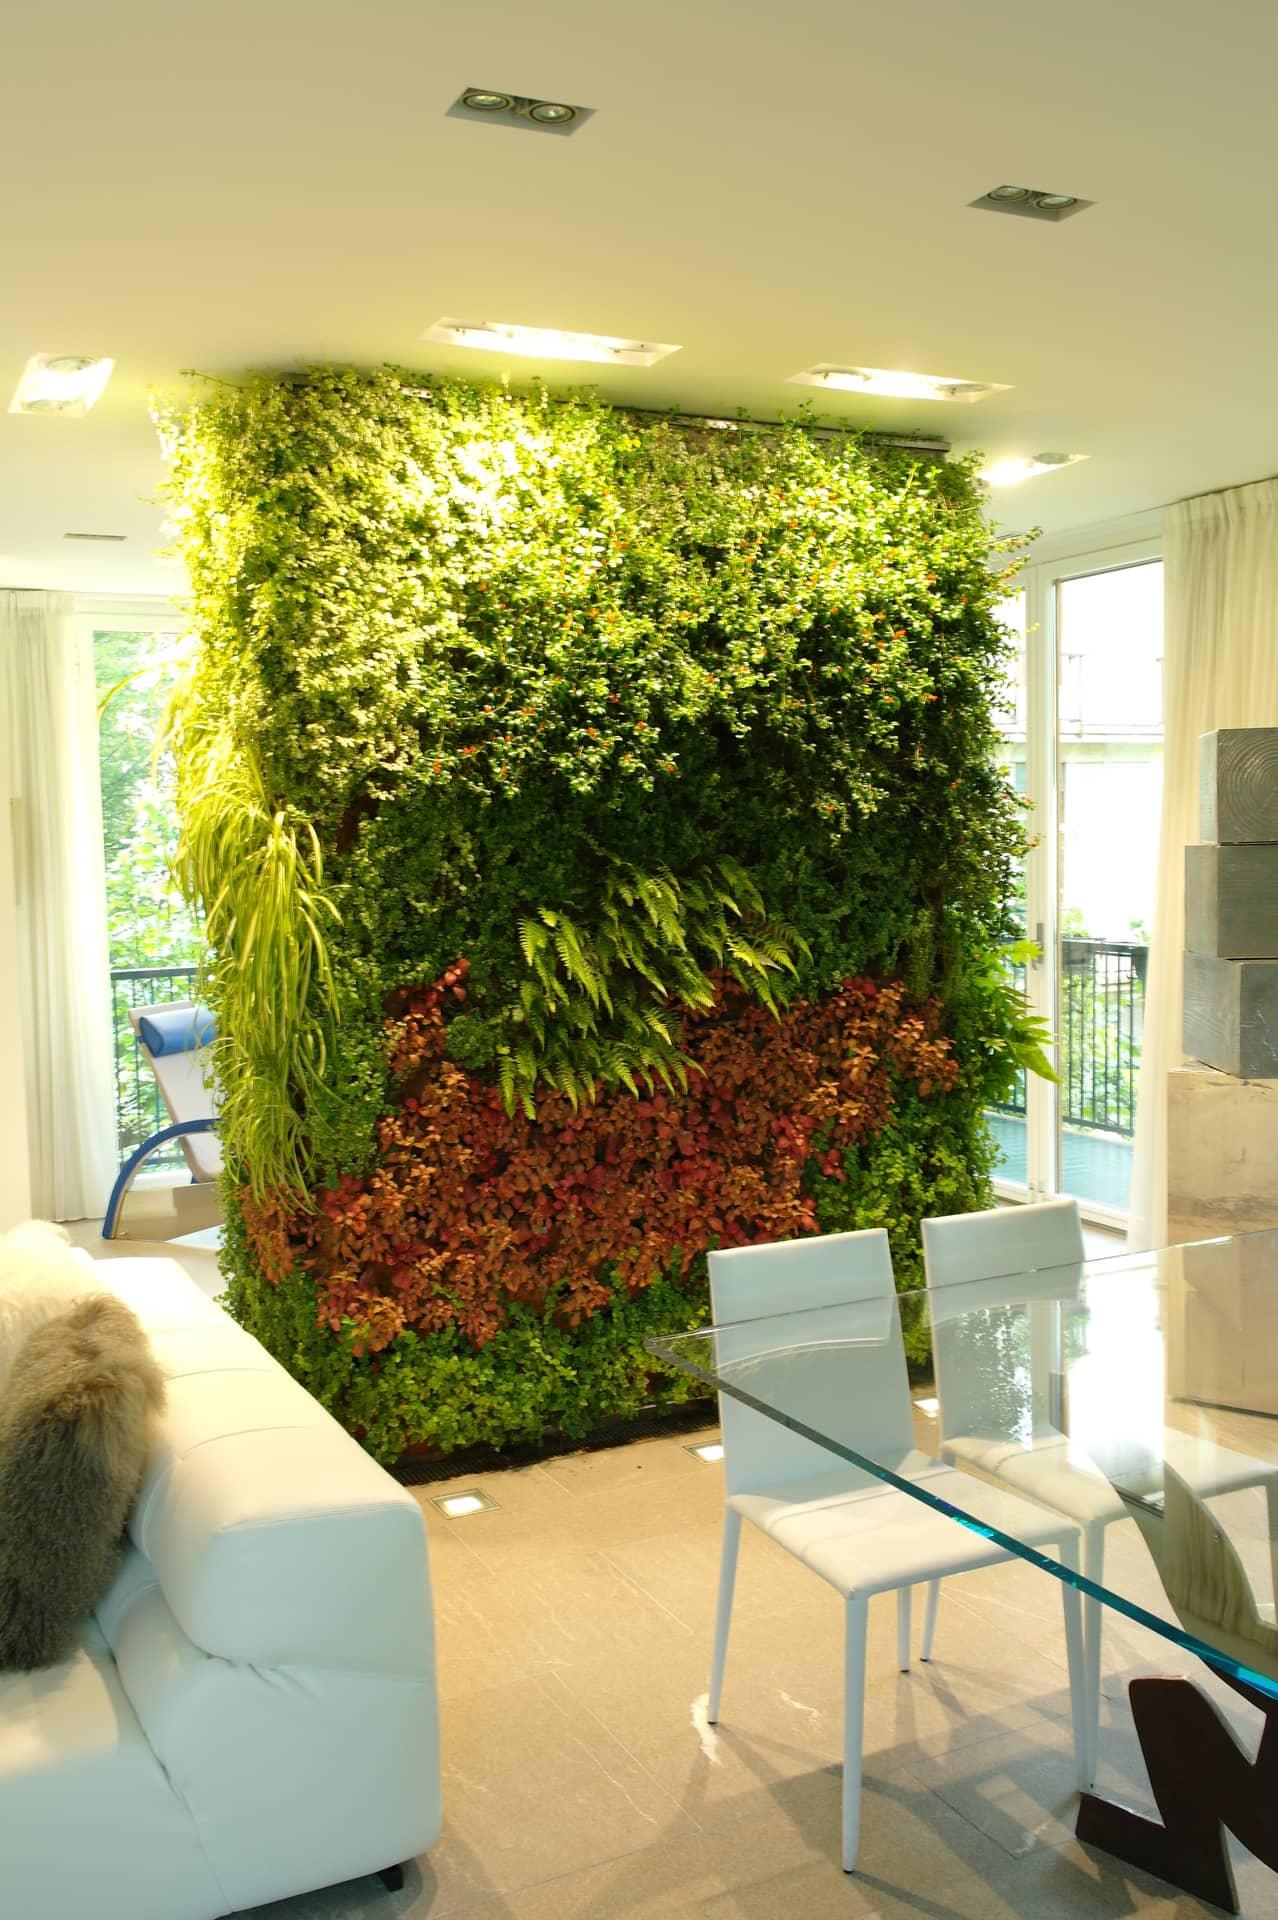 Giardini verticali residenza privata divomi design vivo milano for Giardini verticali milano